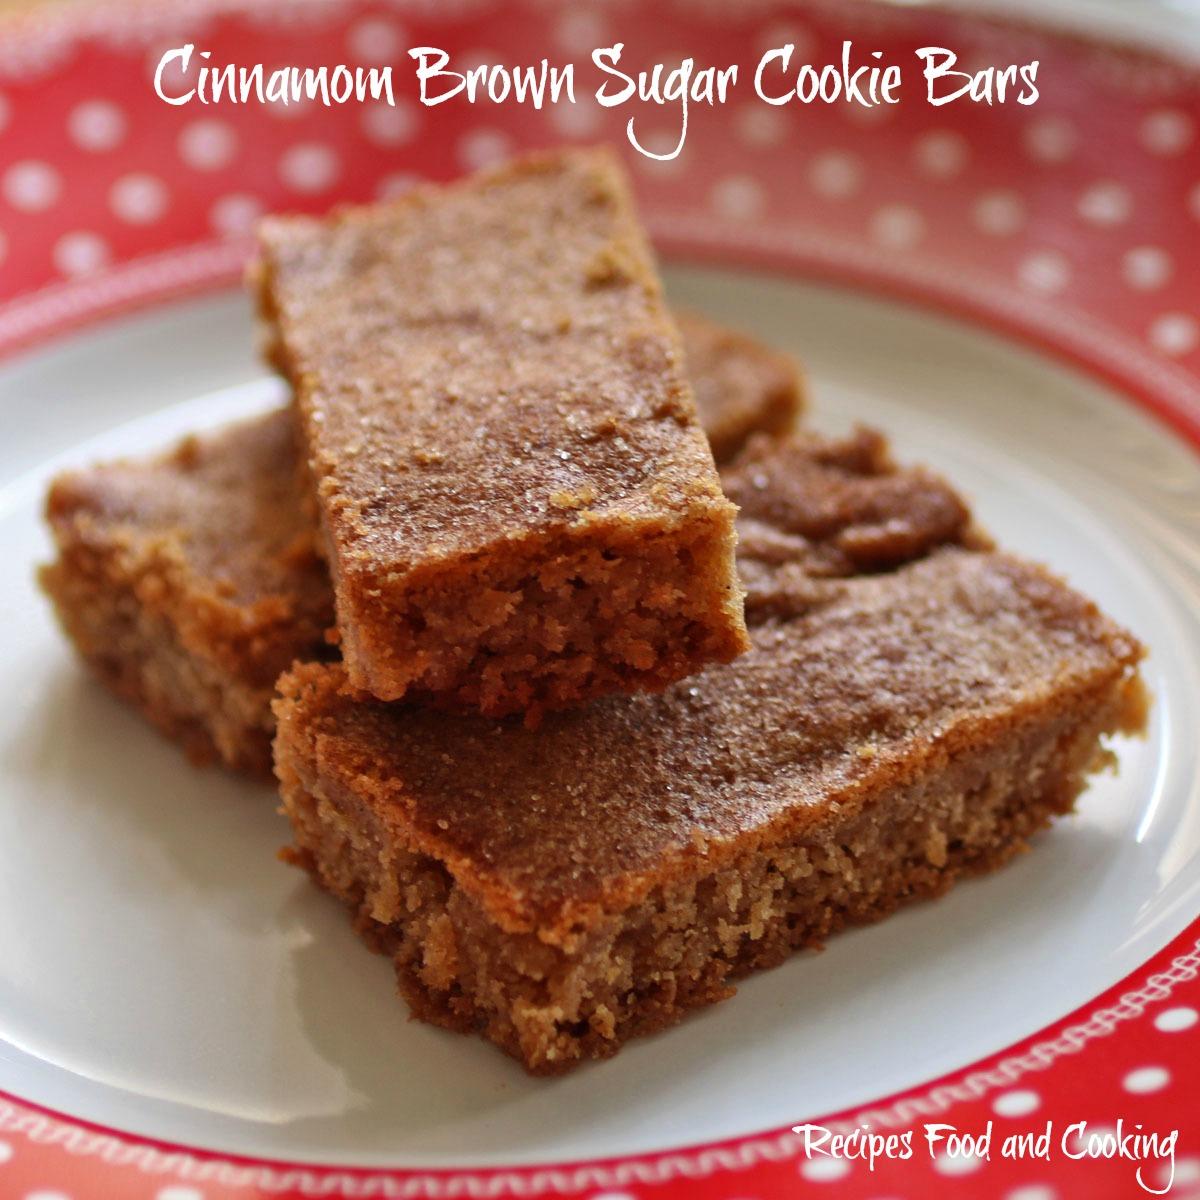 Cinnamon Brown Sugar Cookie Bars